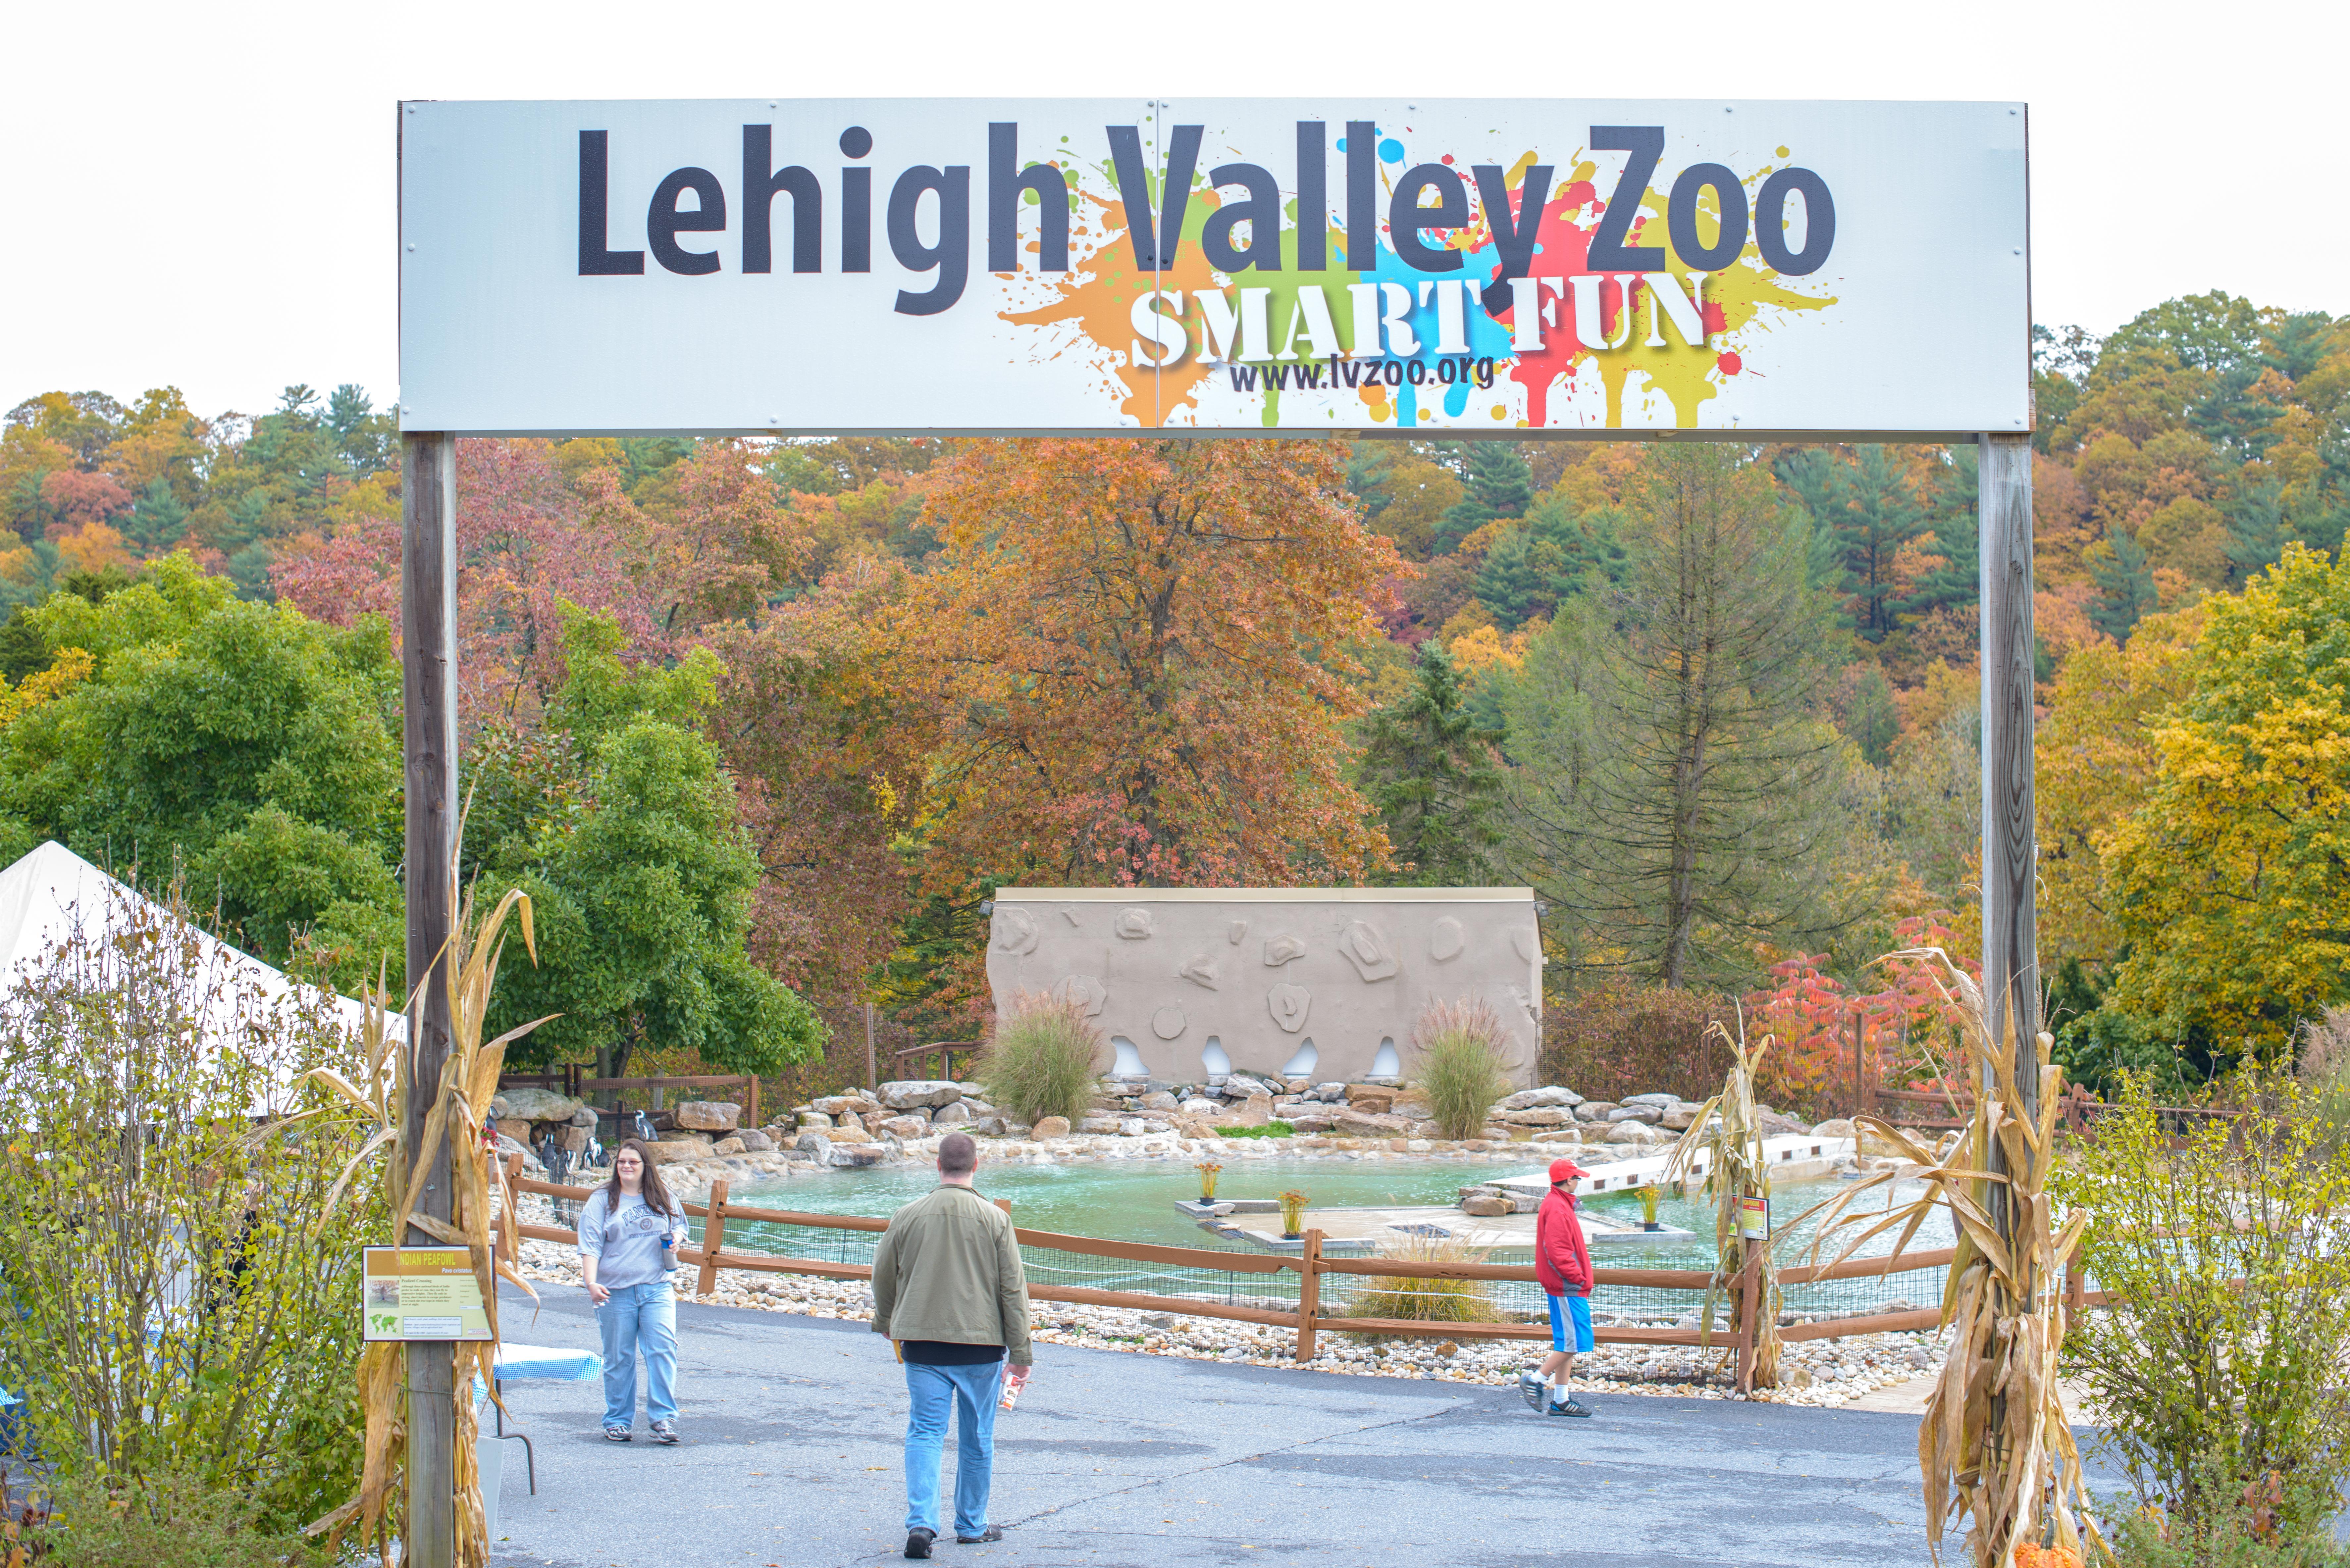 Lehigh Valley Zoo Schnecksville Pa 18078